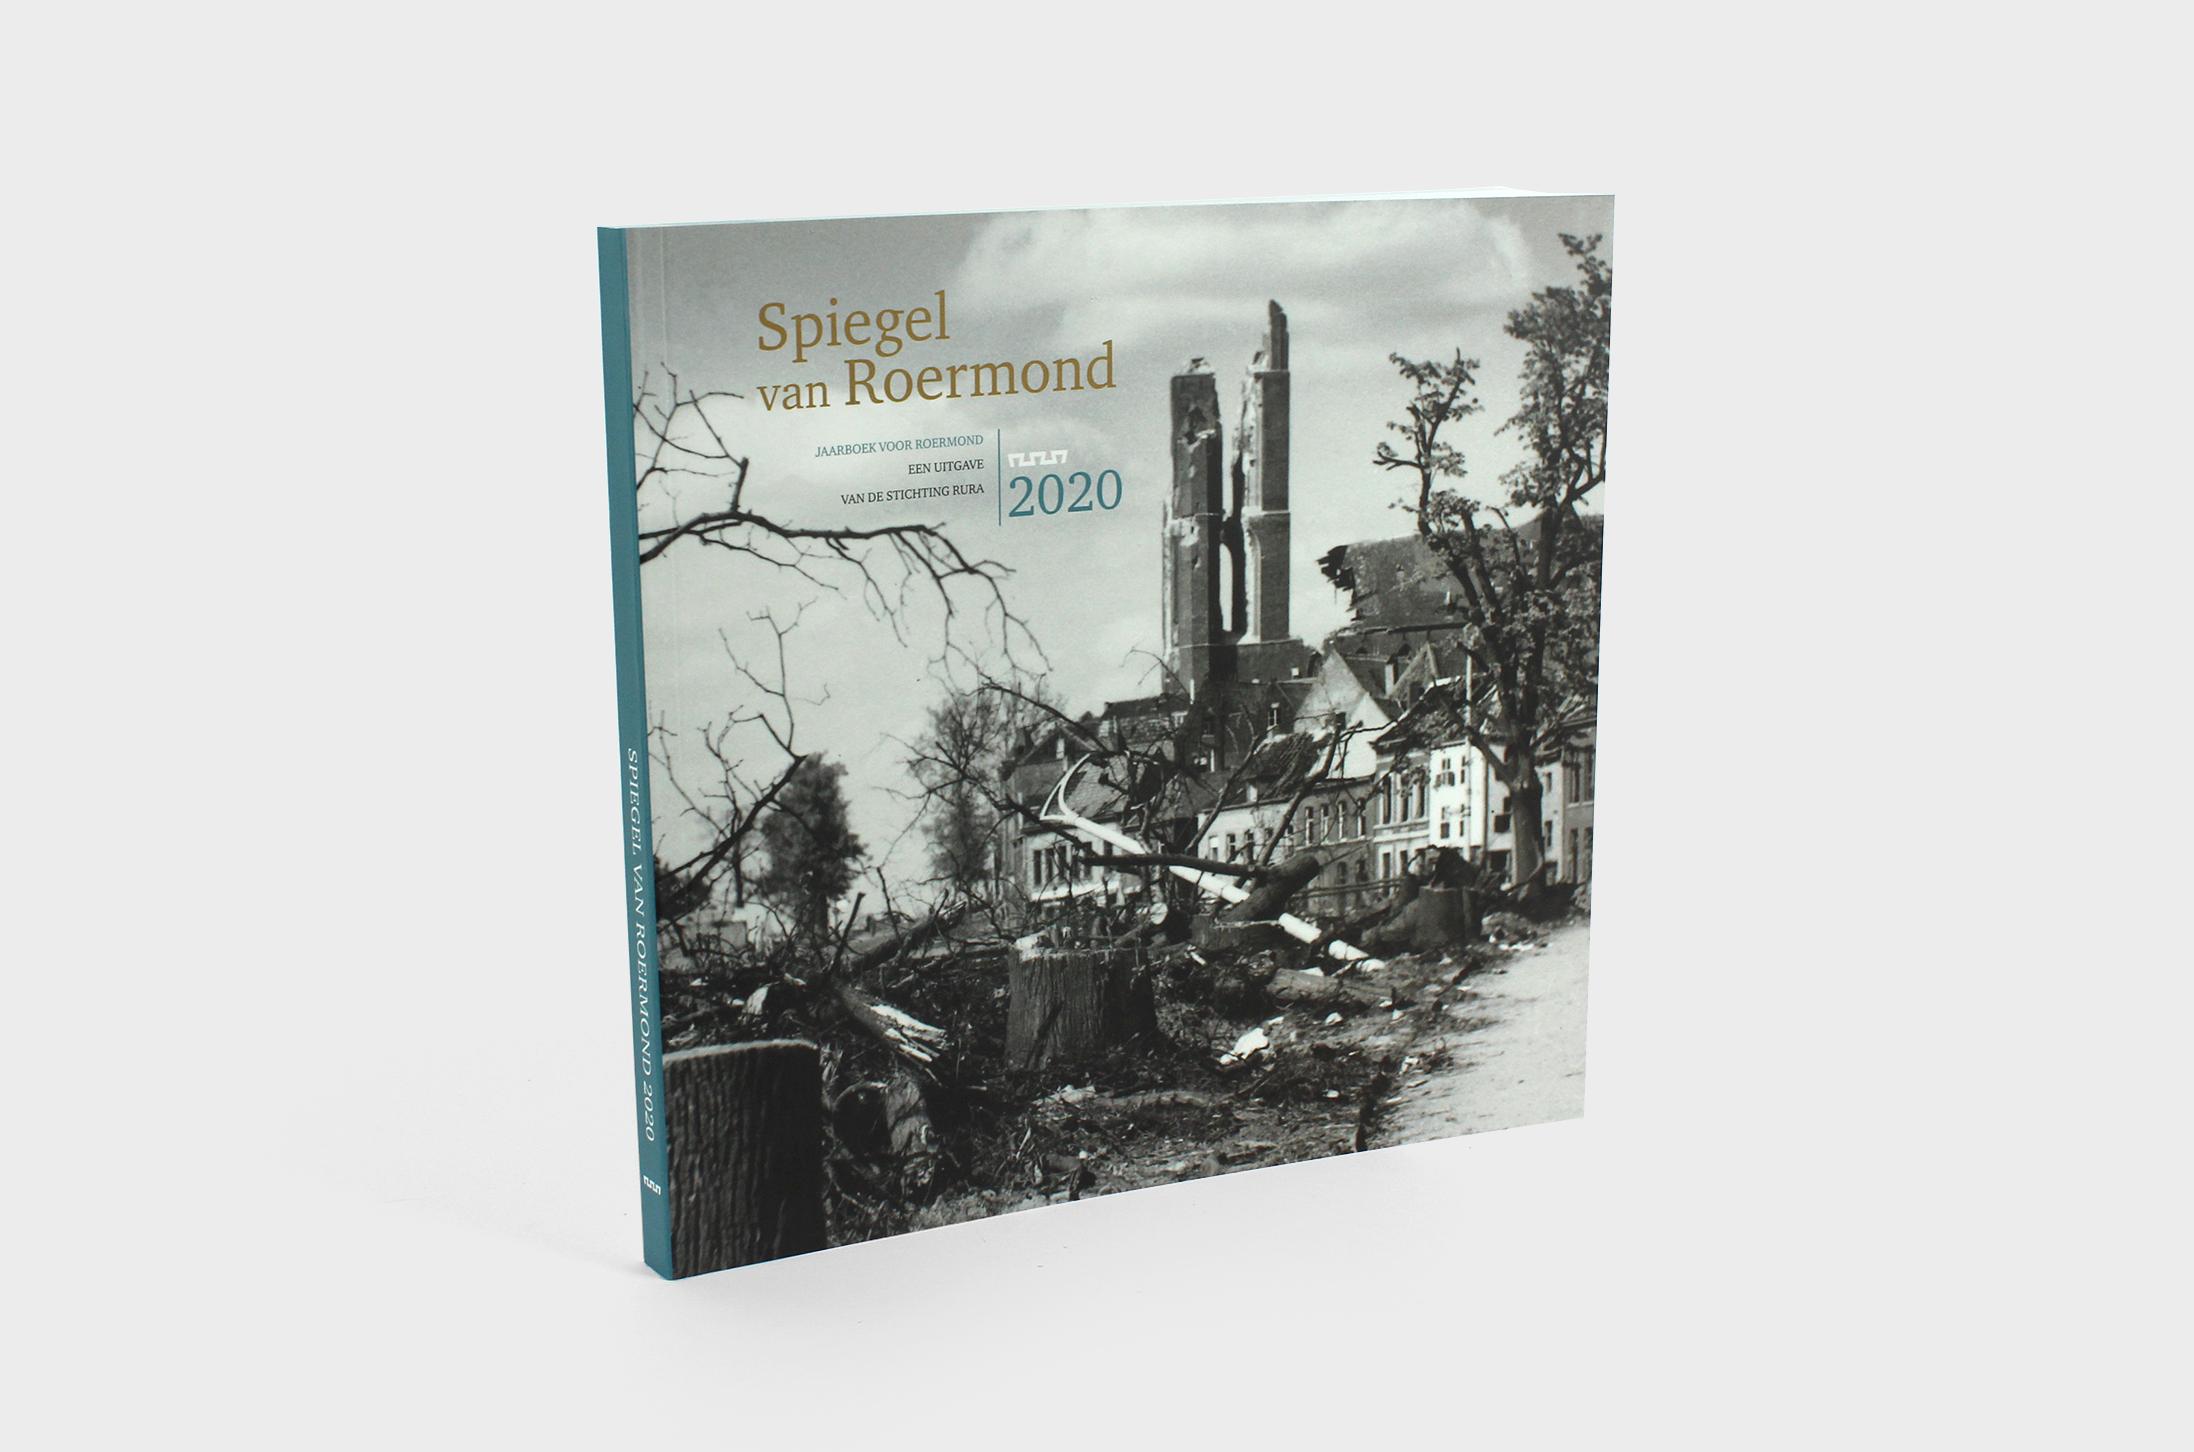 Spiegel van Roermond 2020